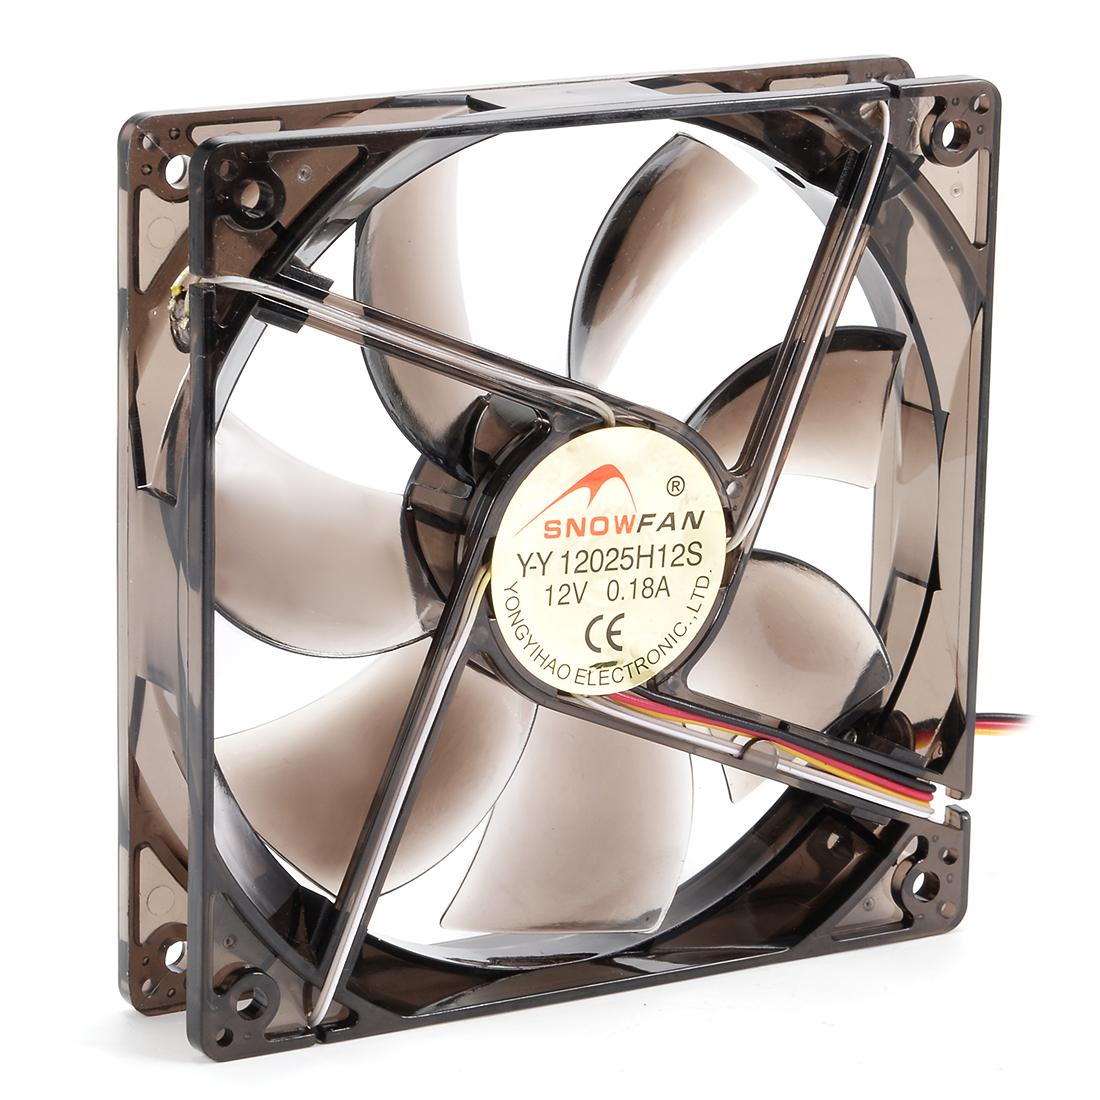 120mm x 120mm x 25mm 12V DC Cooling Fan w Blue LED for Computer Cases